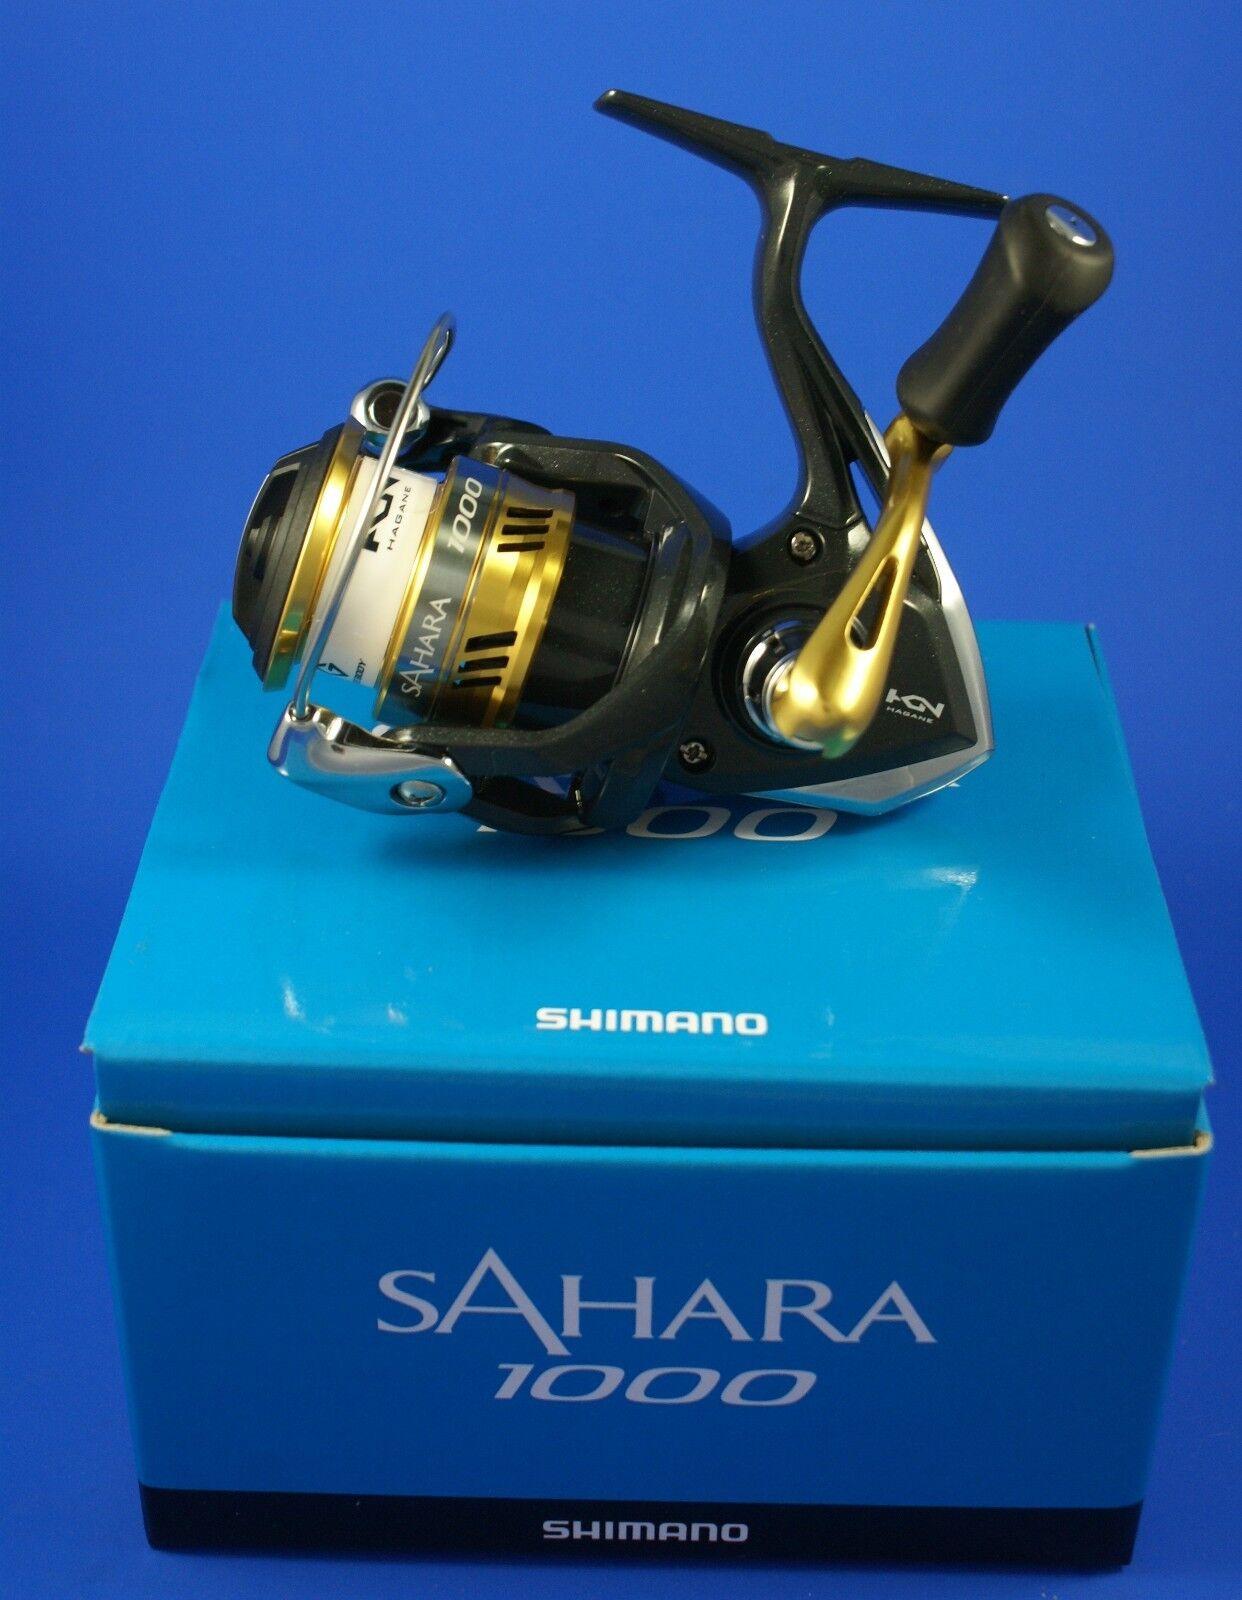 Shimano Sahara 1000 Fi    SH1000FI    Cocherete de pesca de arrastre frontal